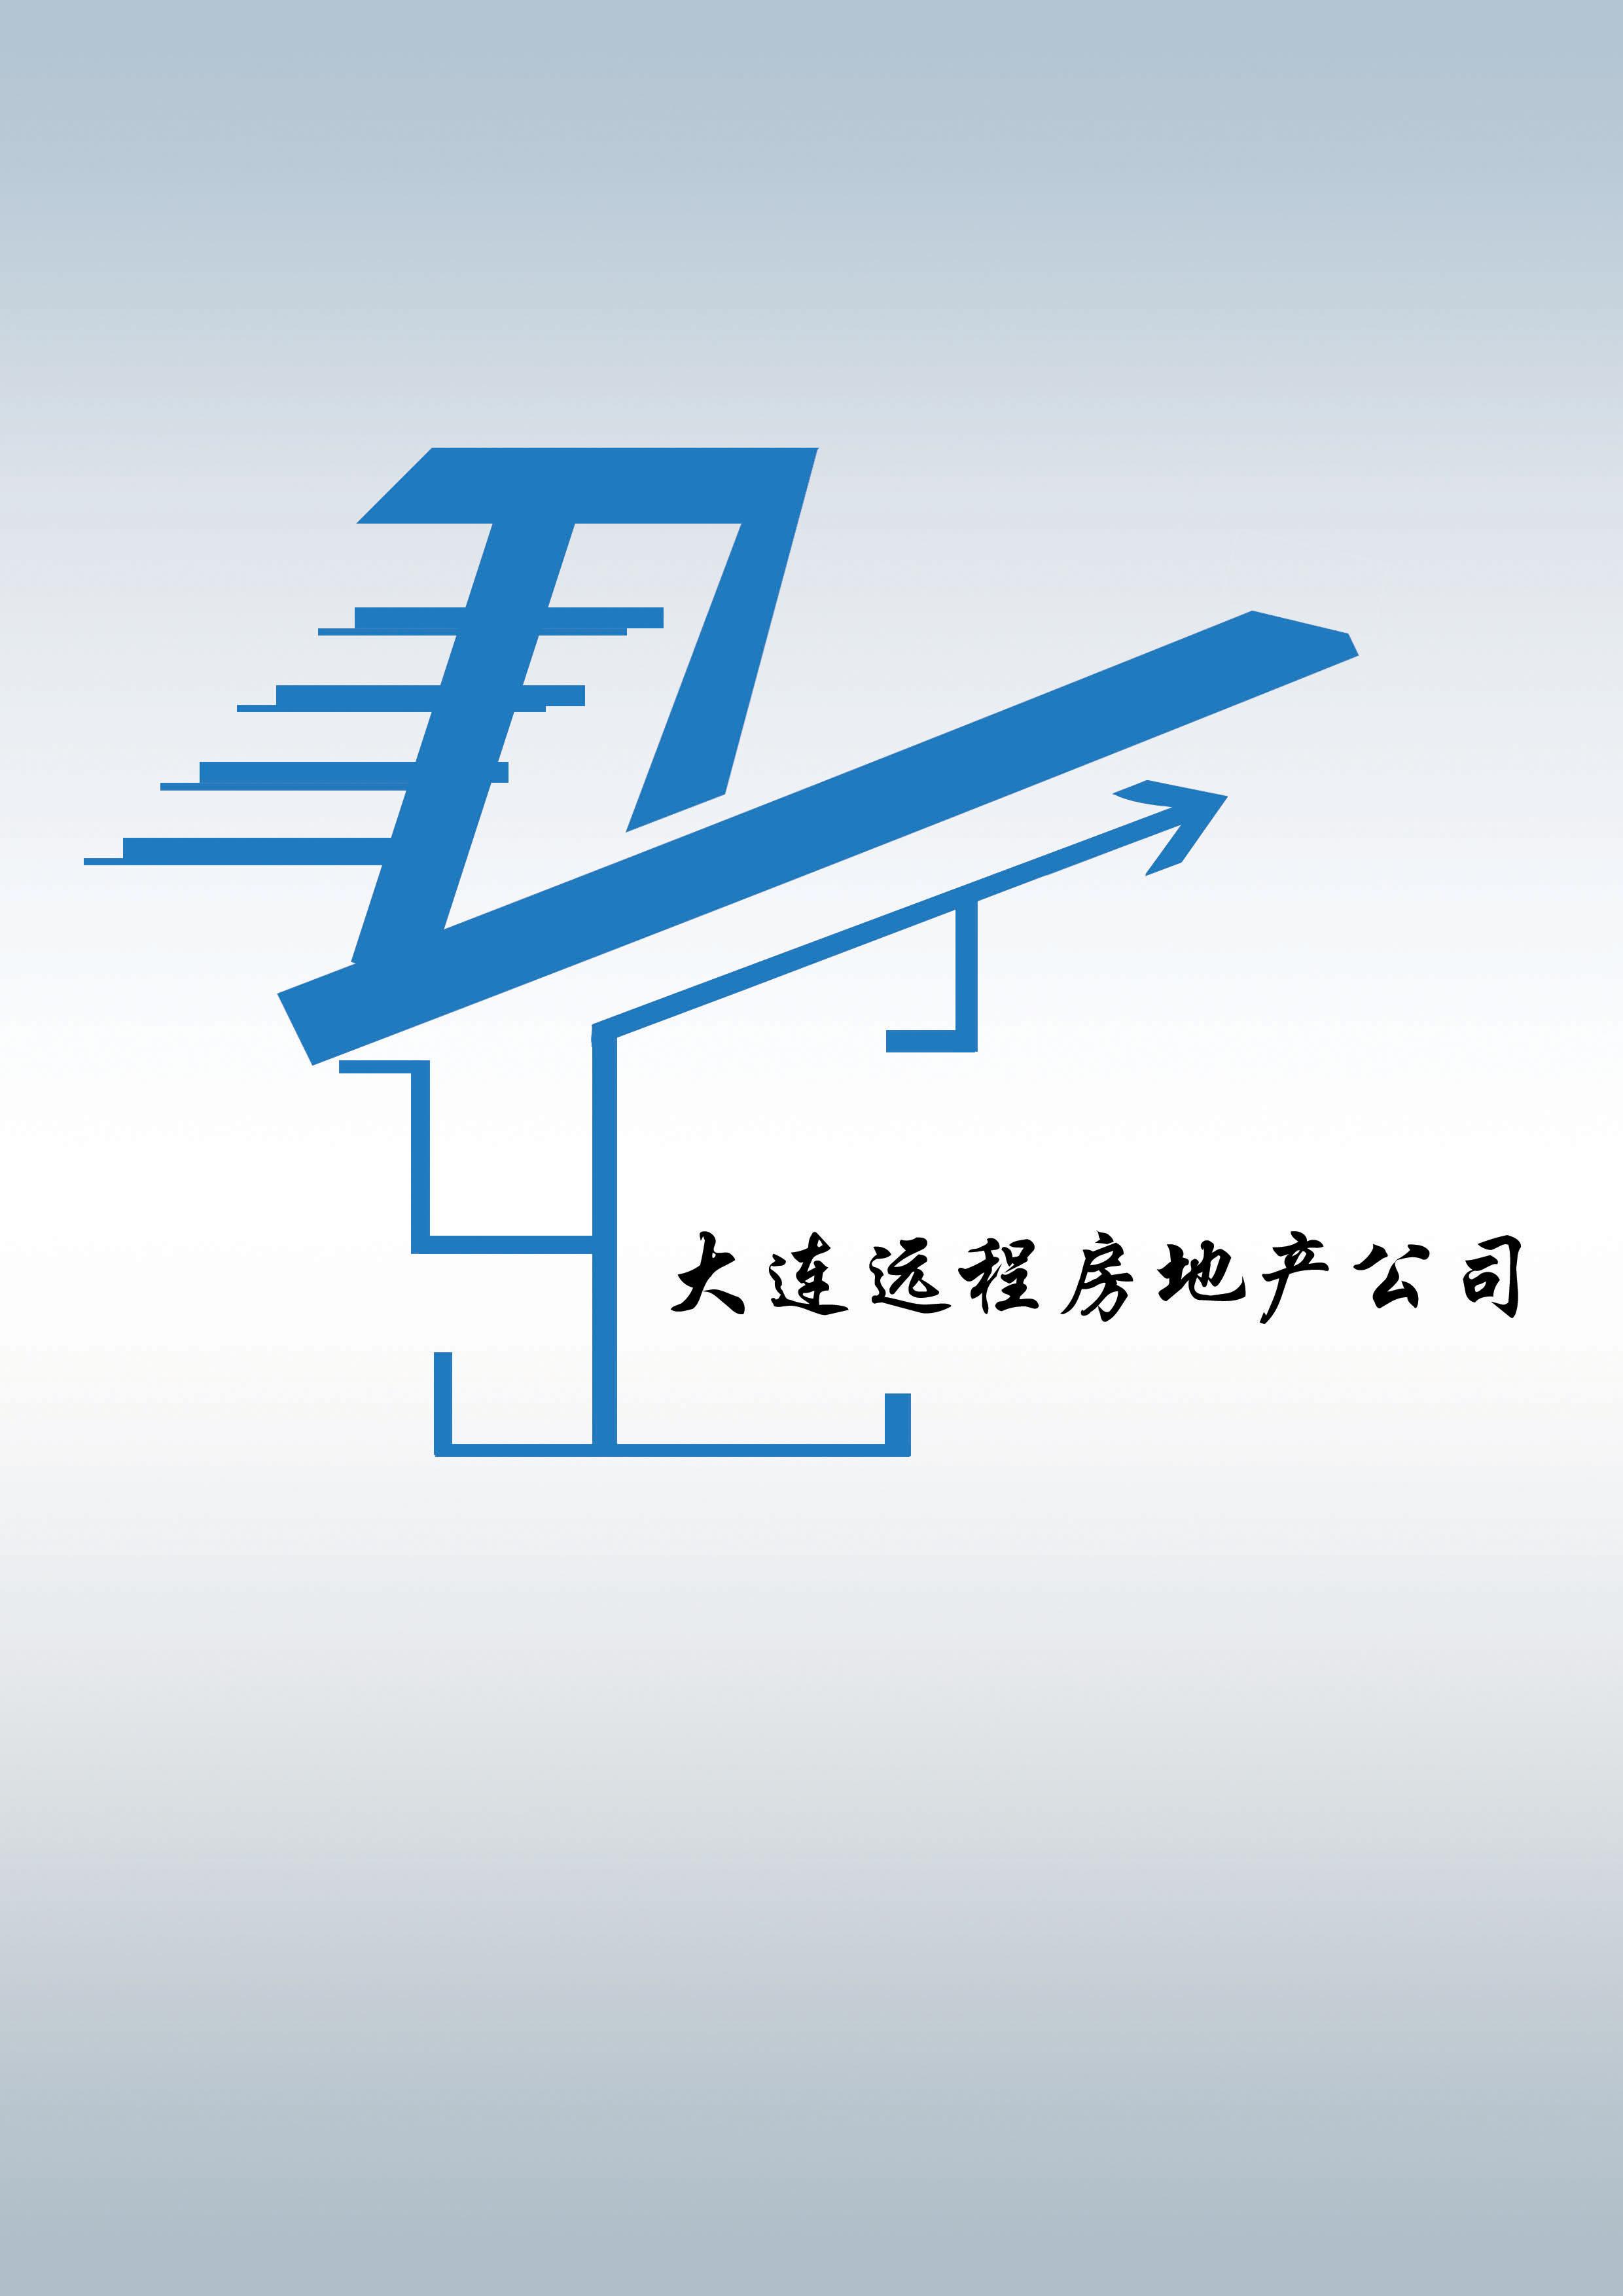 大连远程房地产公司logo设计(新)